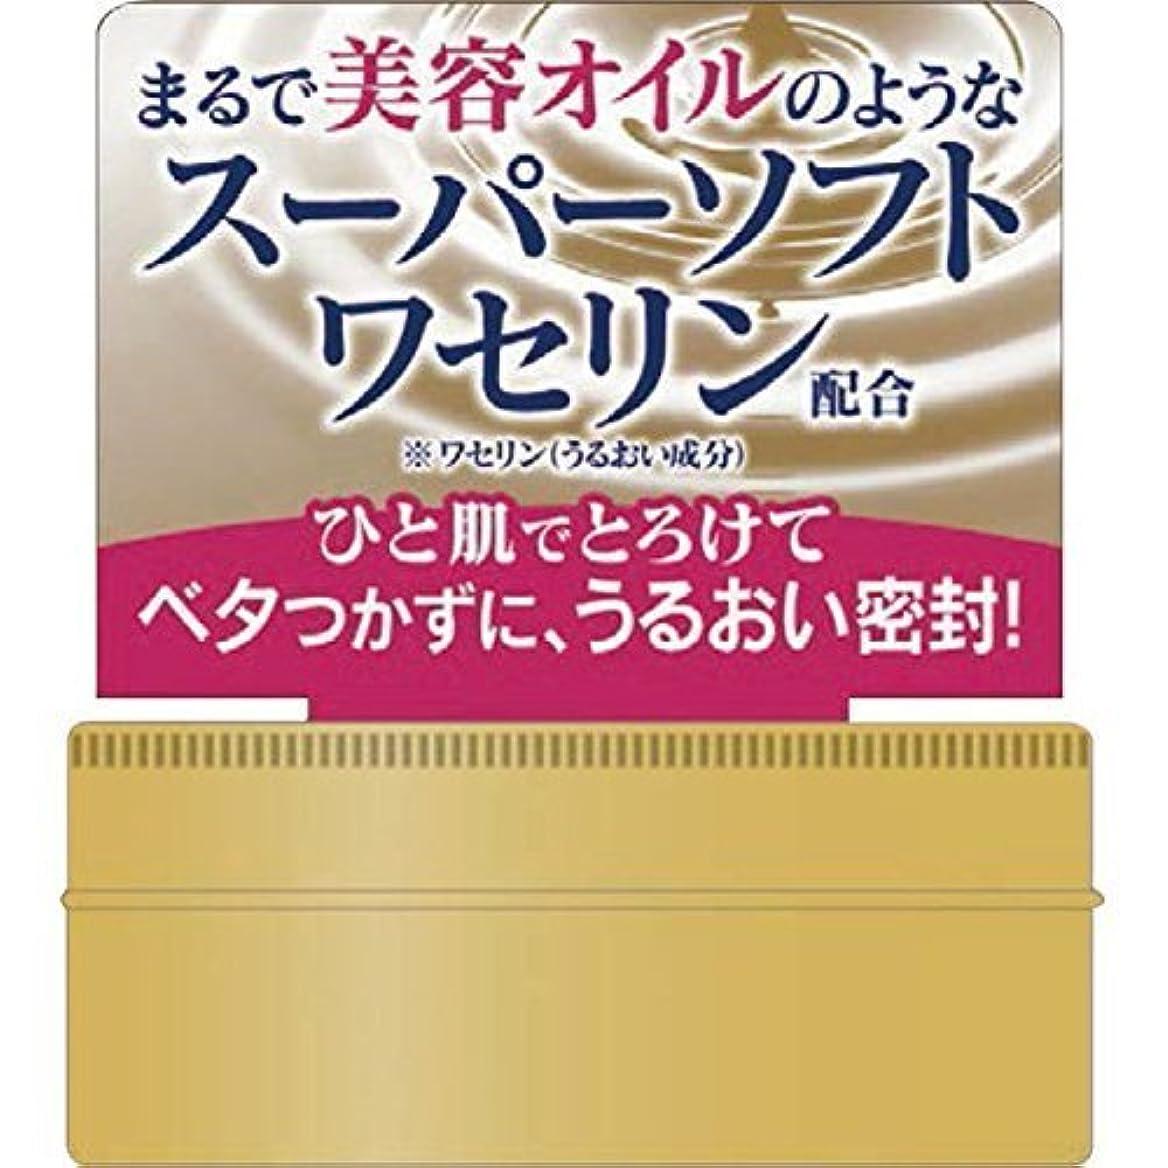 全体に有料梨肌研(ハダラボ) 極潤プレミアム ヒアルロンオイルジェリー × 24個セット